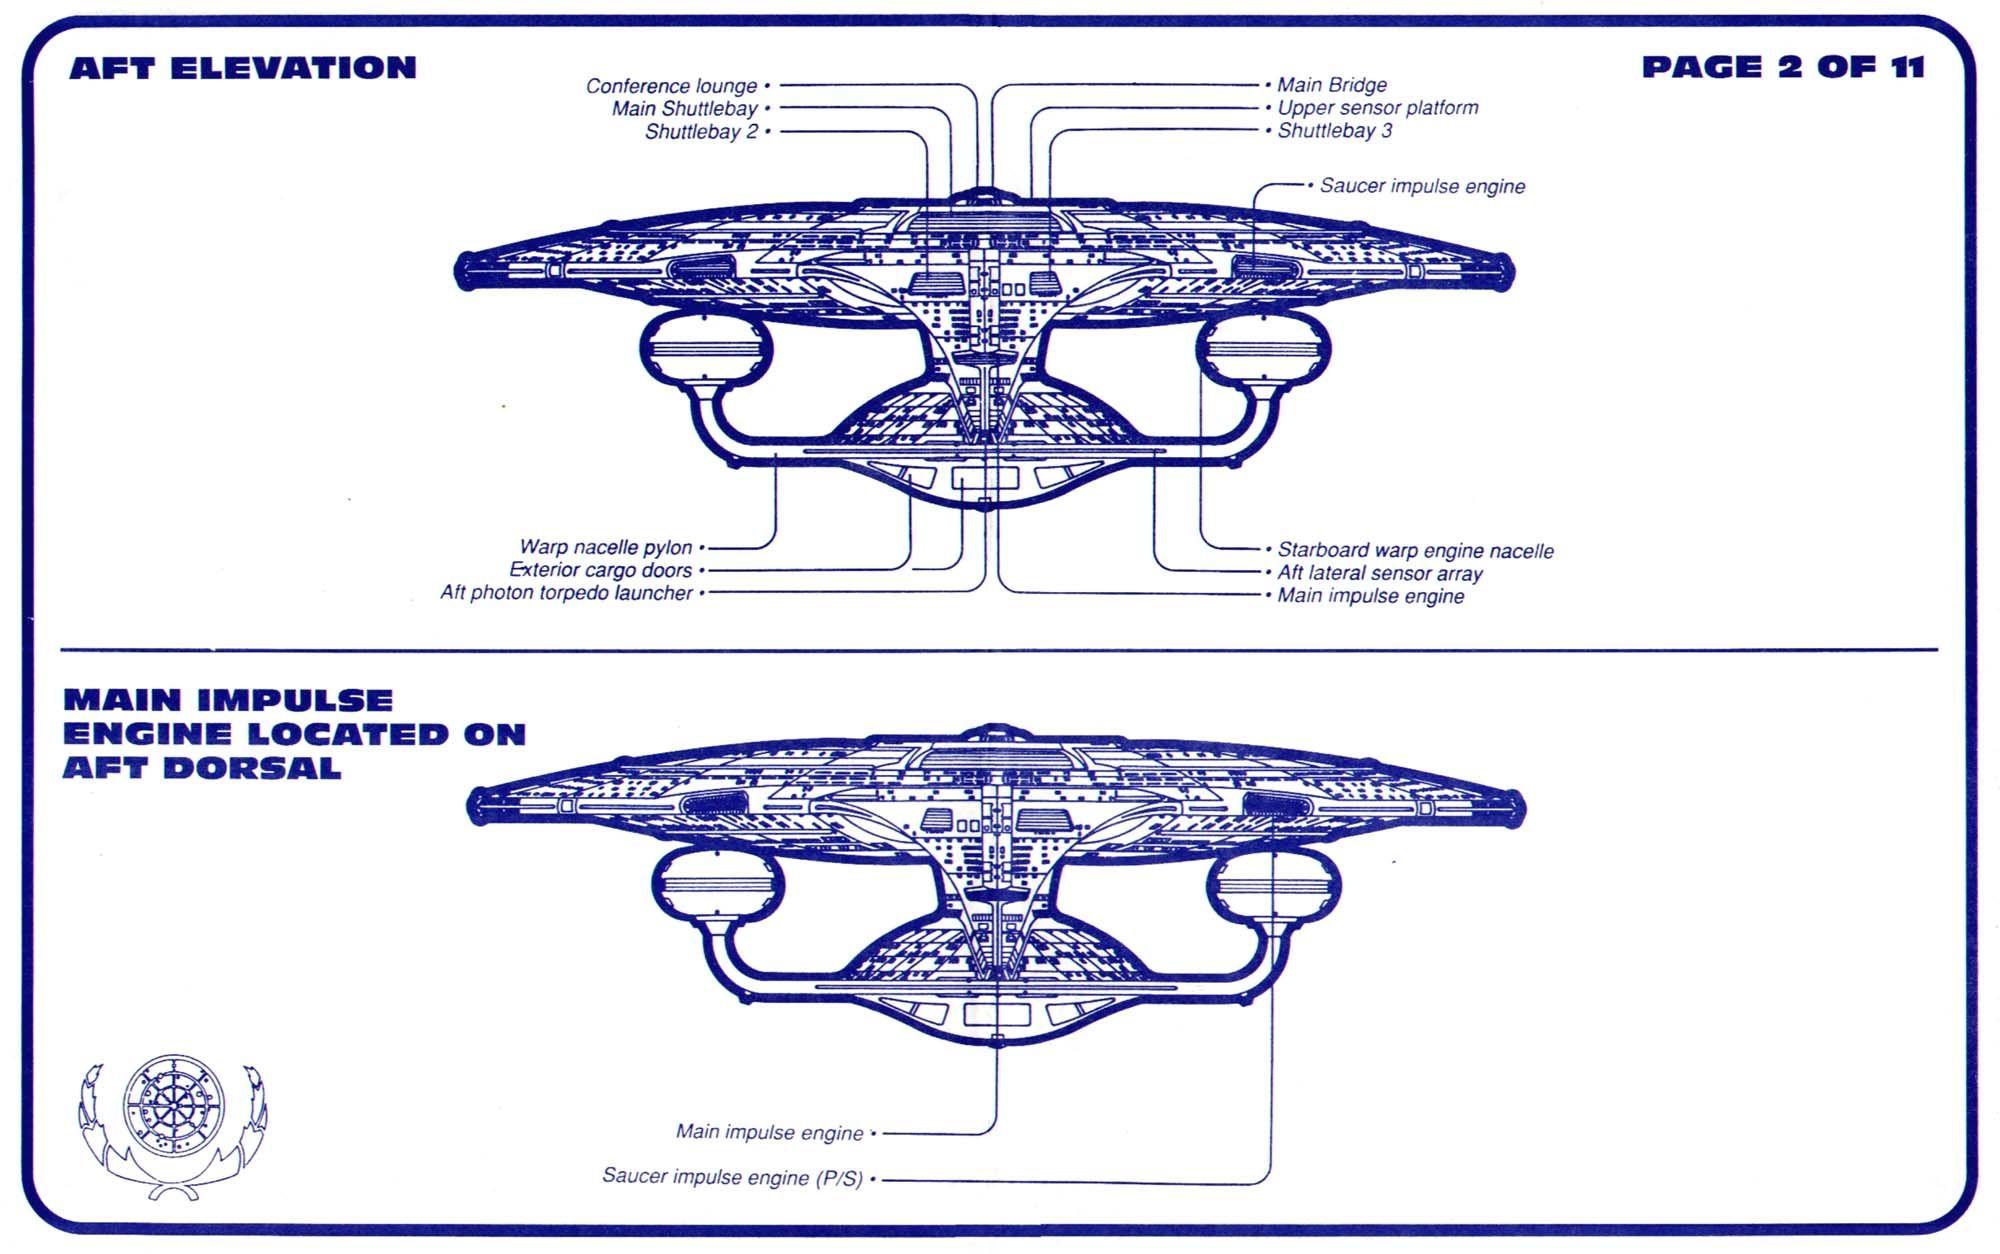 Uss enterprise ncc 1701 d galaxy class saucer separation r flickr - Schematic Of Matter Antimatter Assembly Chamber Of U S S Enterprise Ncc 1701 D Star Trek U S S Enterprise Ncc 1701 D Pinterest Star Trek And Trek